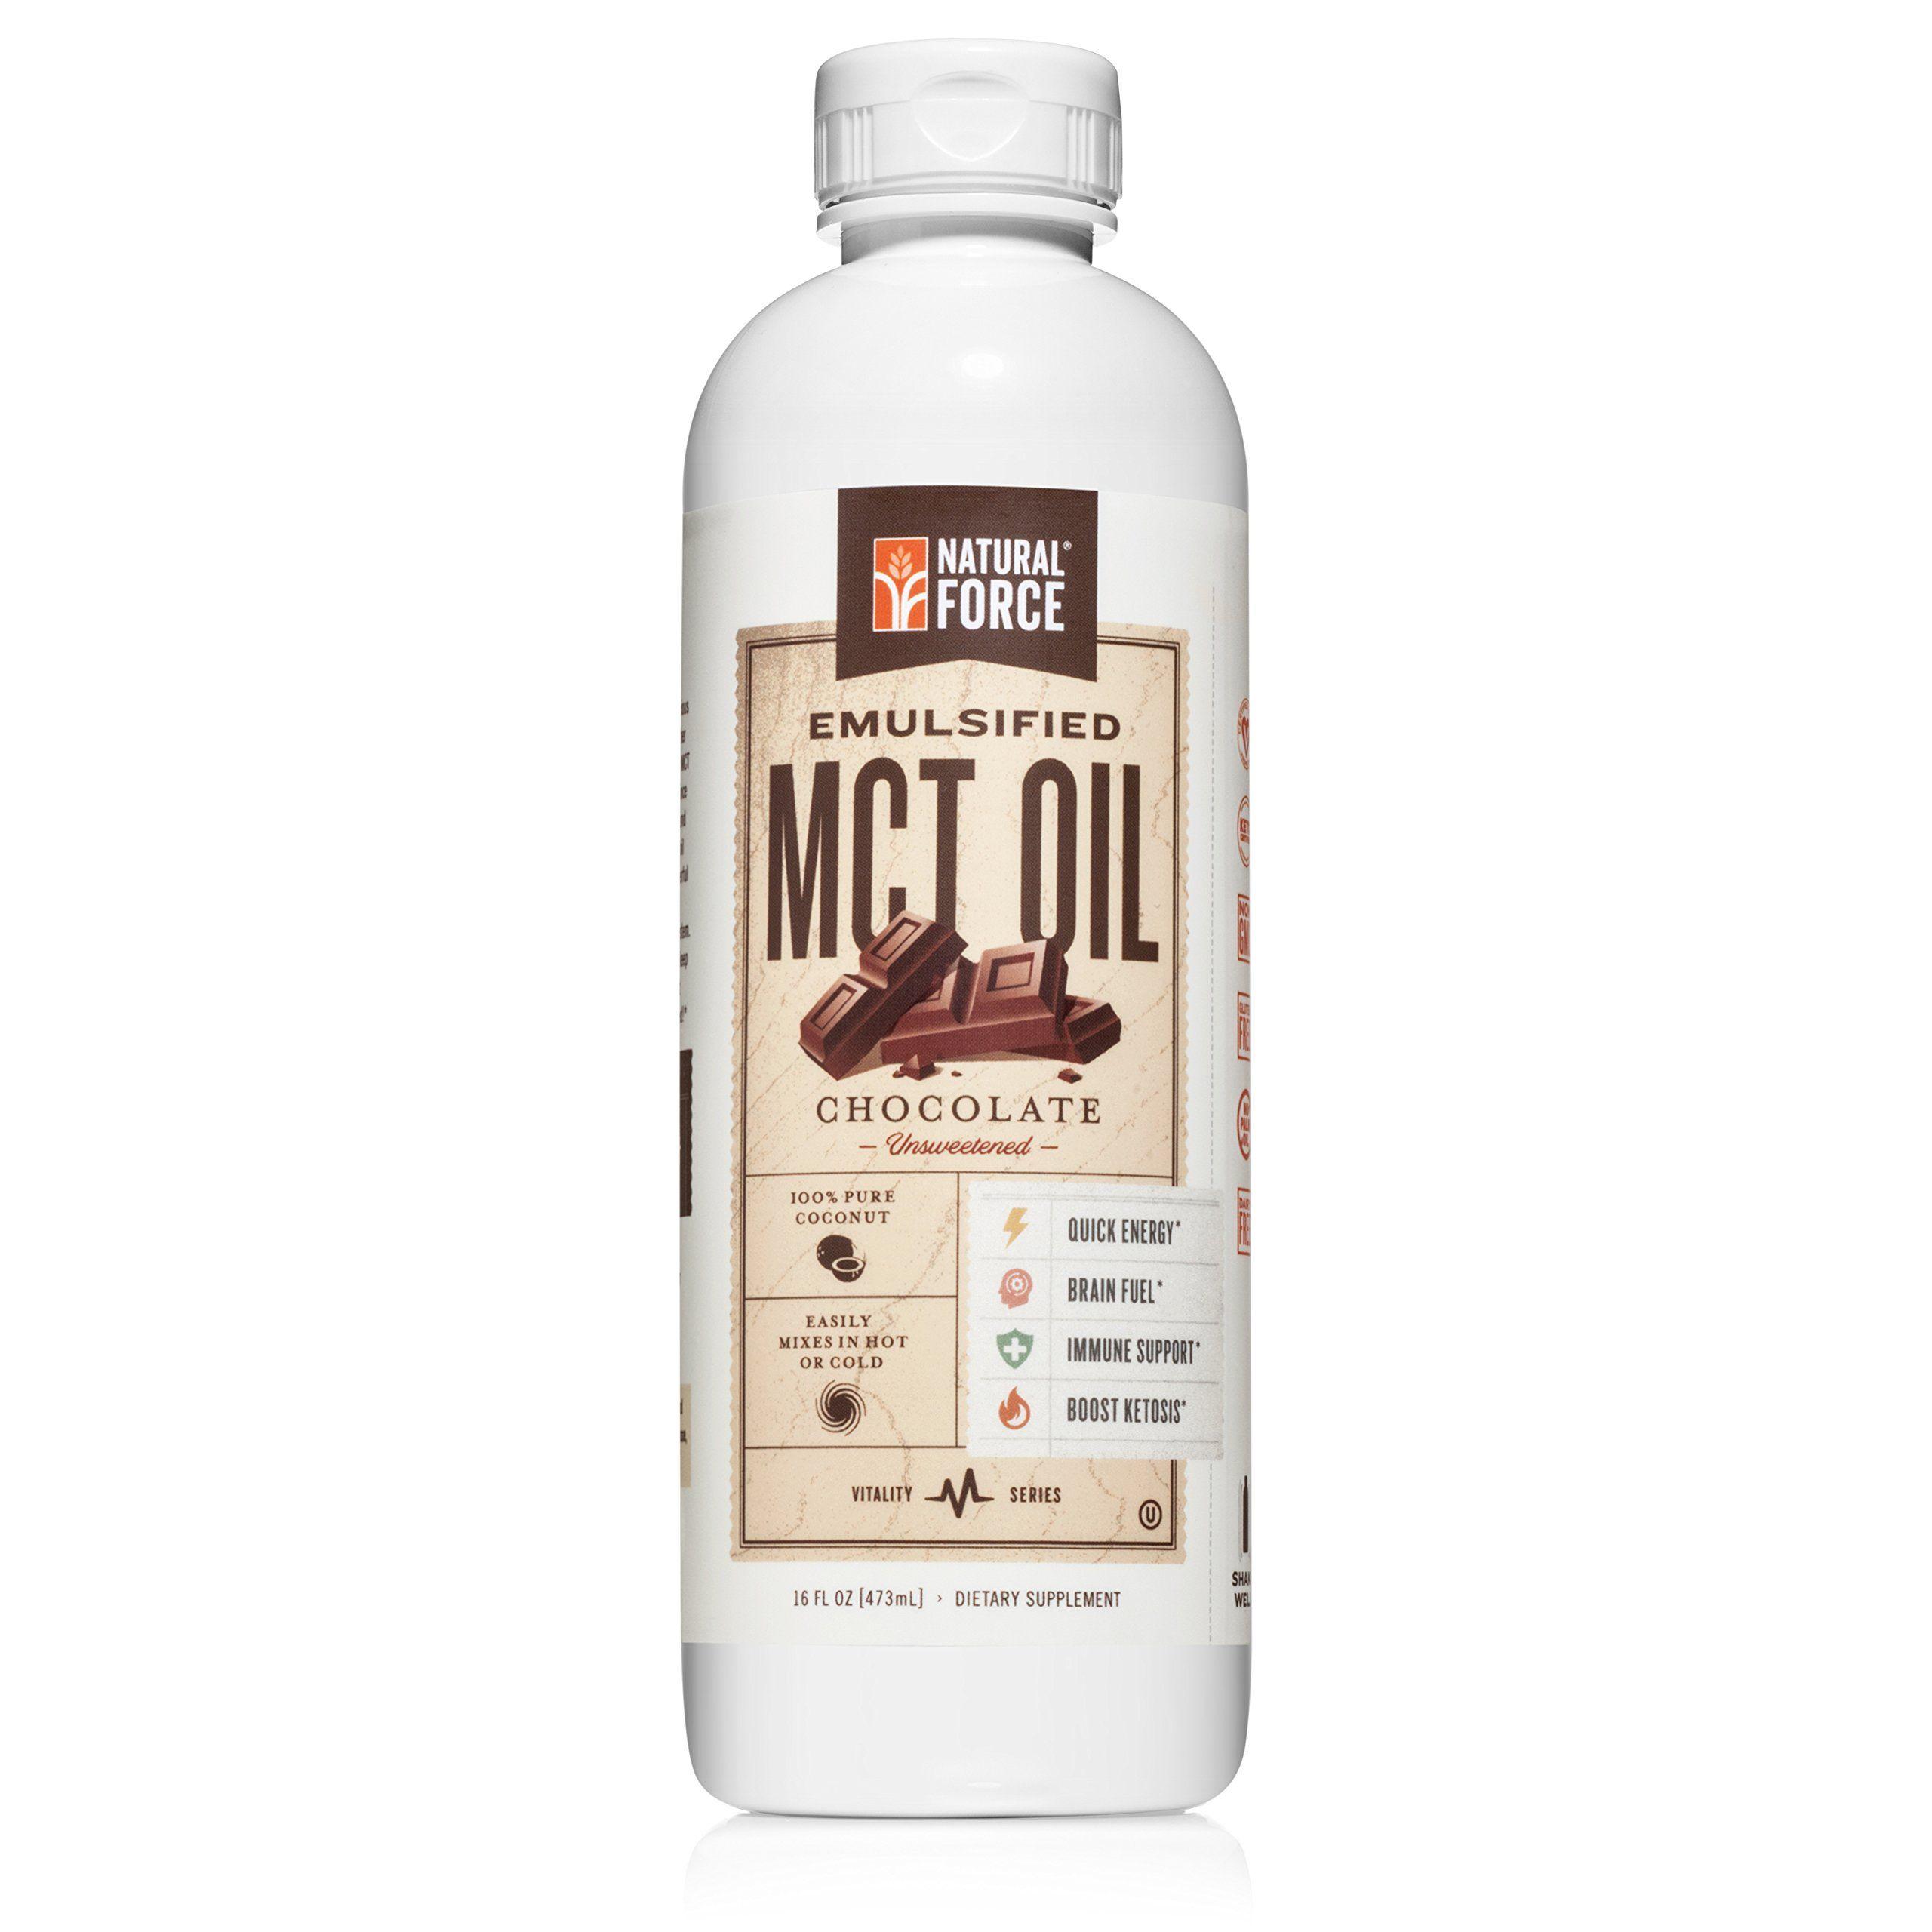 Emulsified mct oil creamer chocolate best keto mct oil